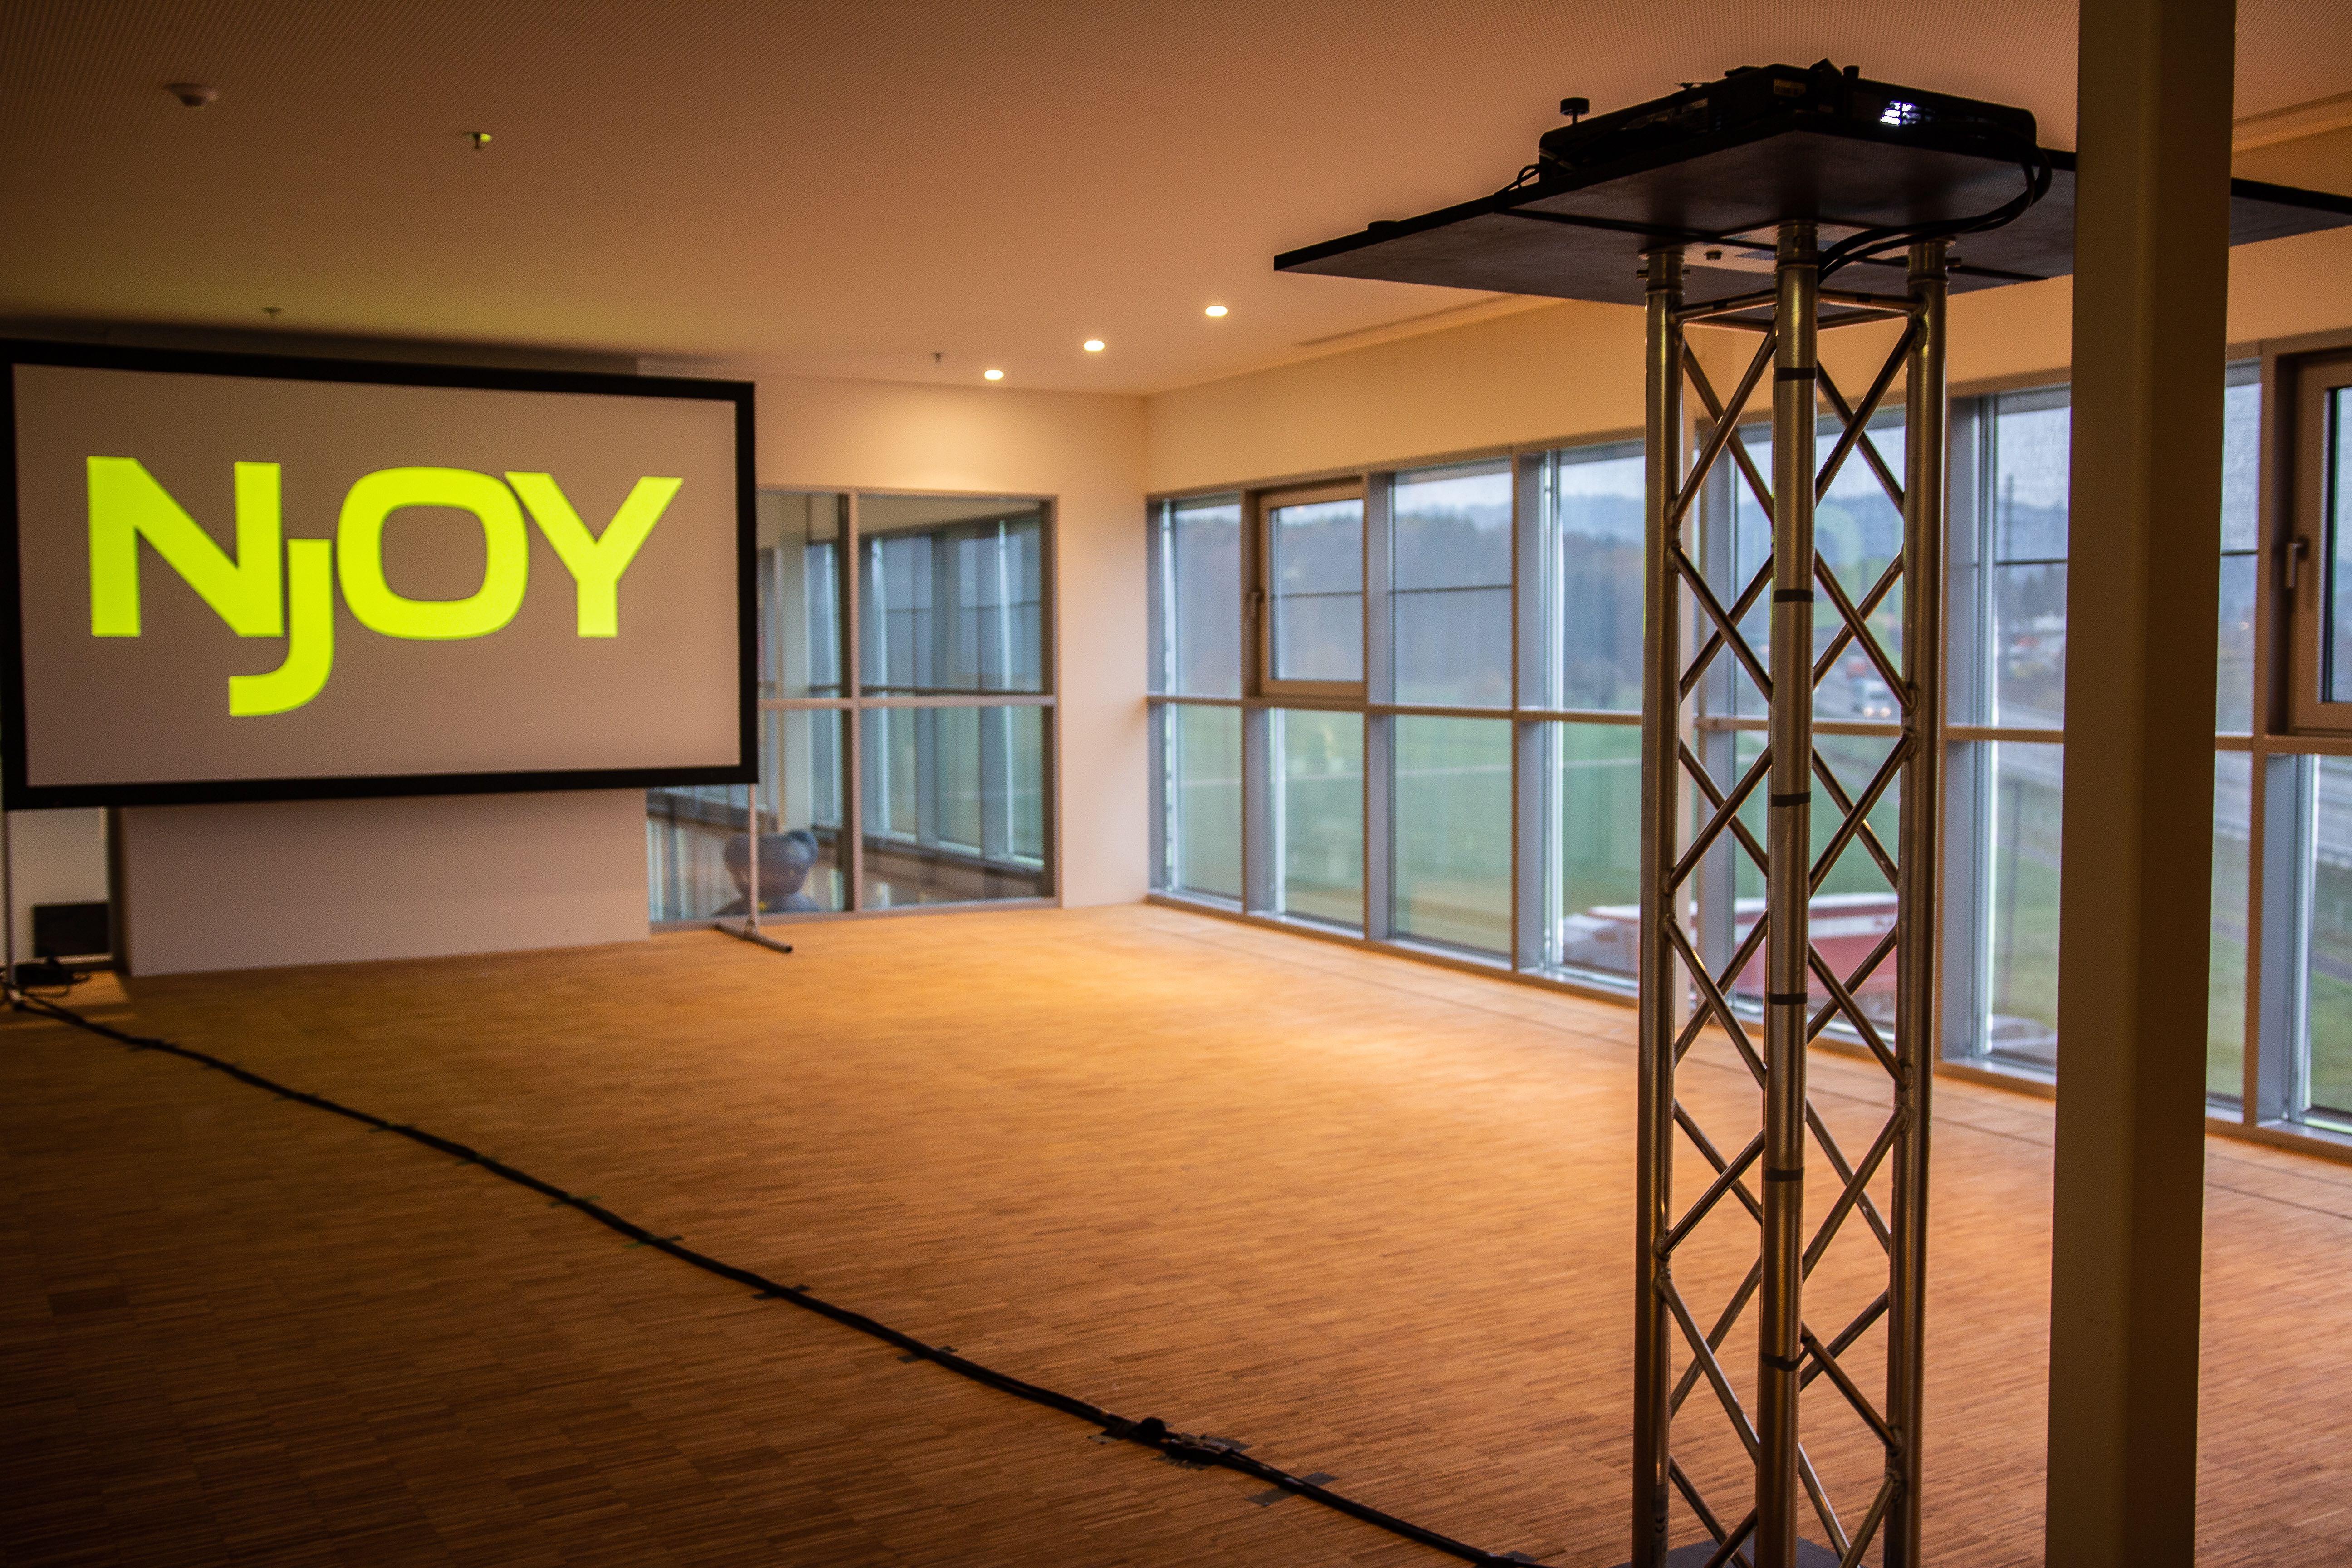 Geschäft Messe Corporate N-joy Events